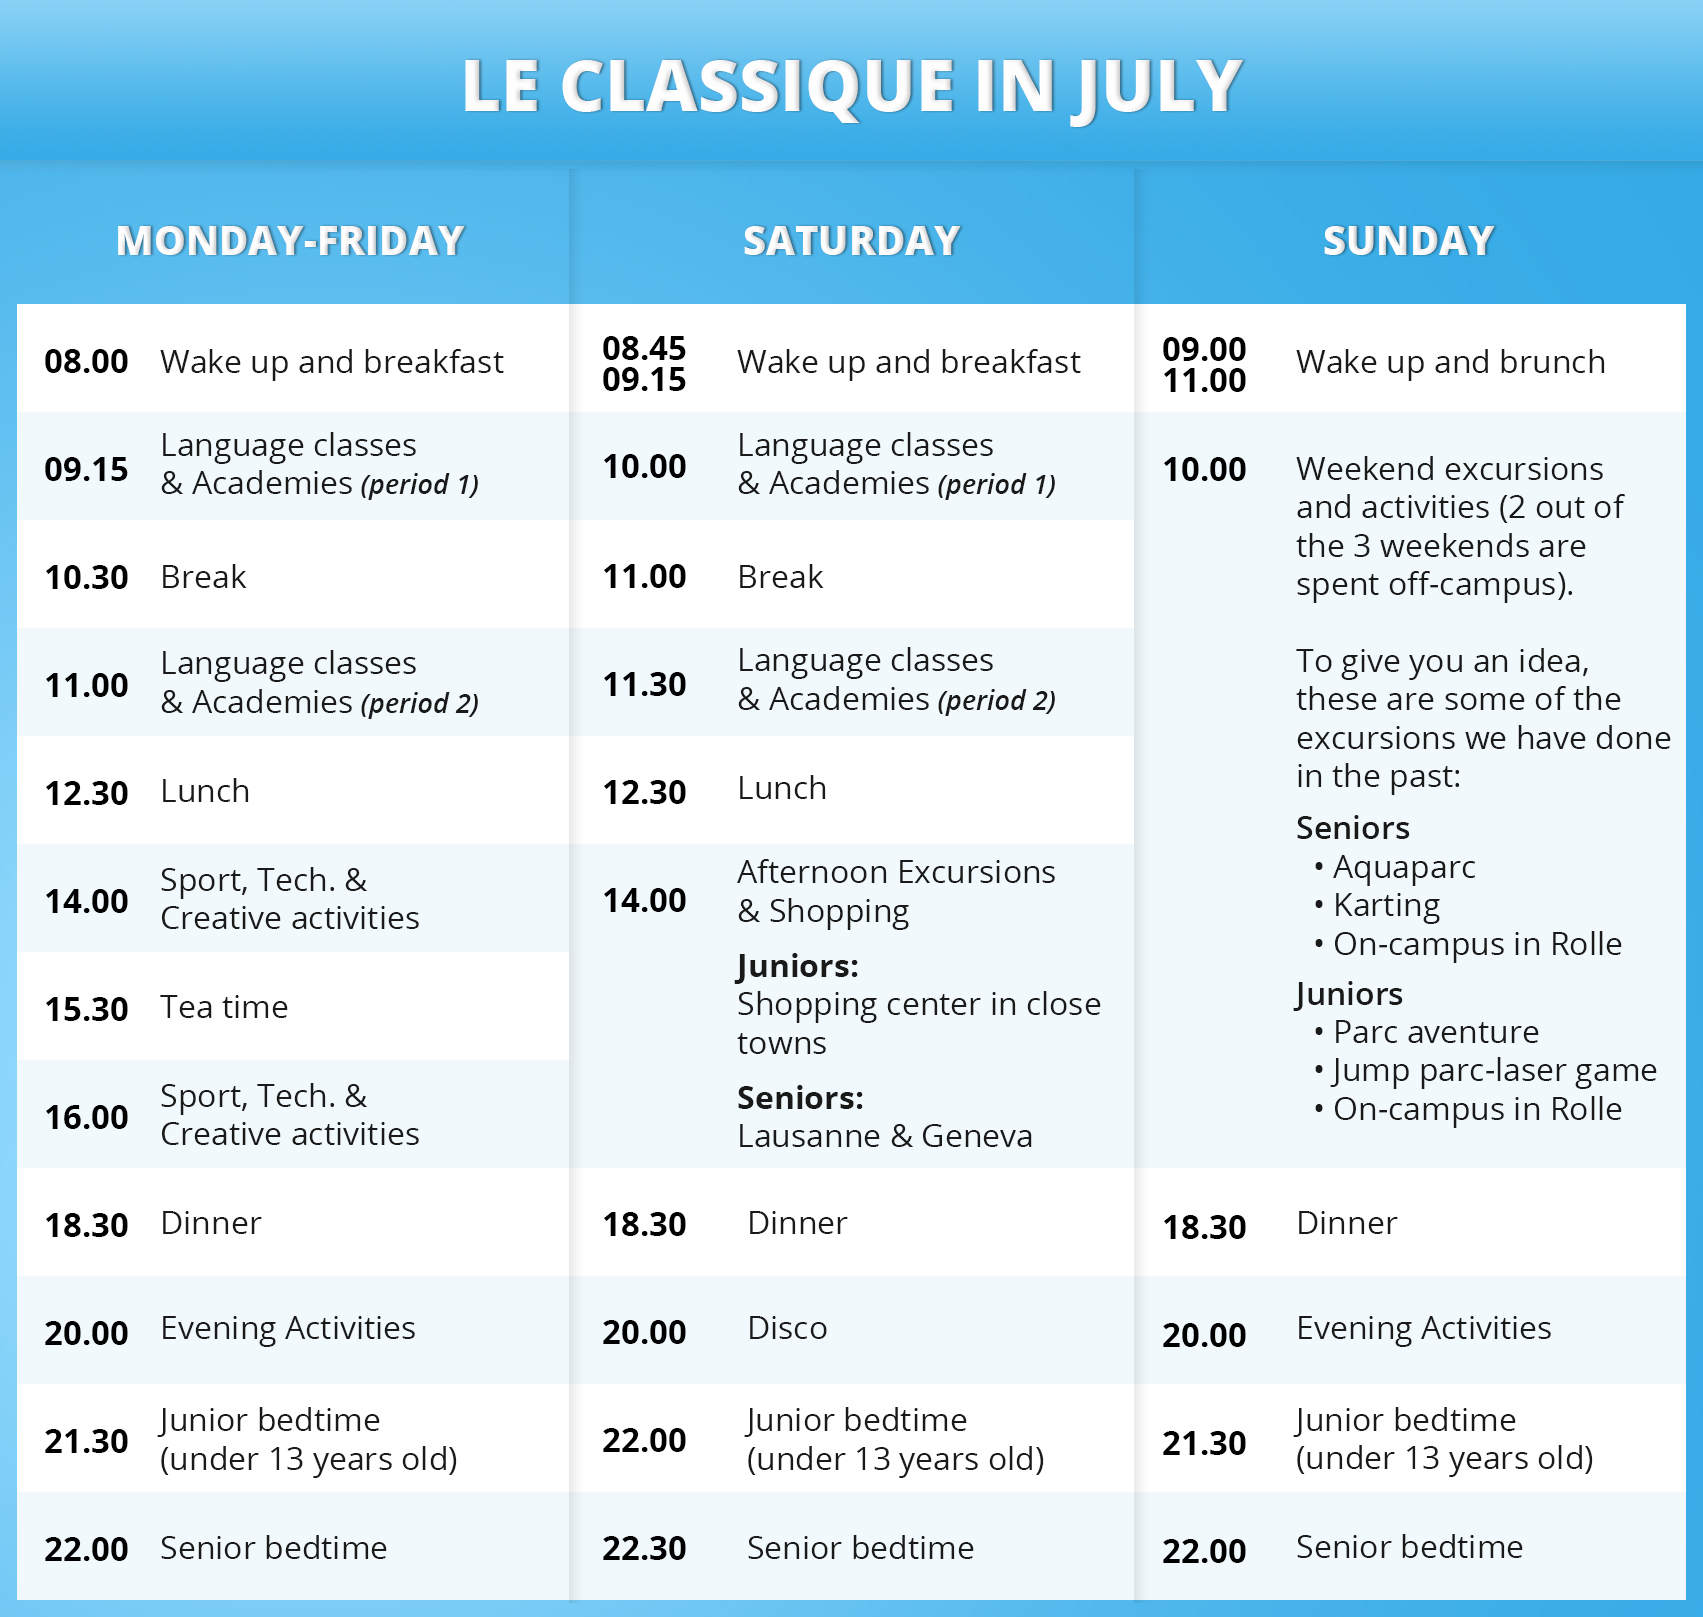 Le Classique Daily Timetable